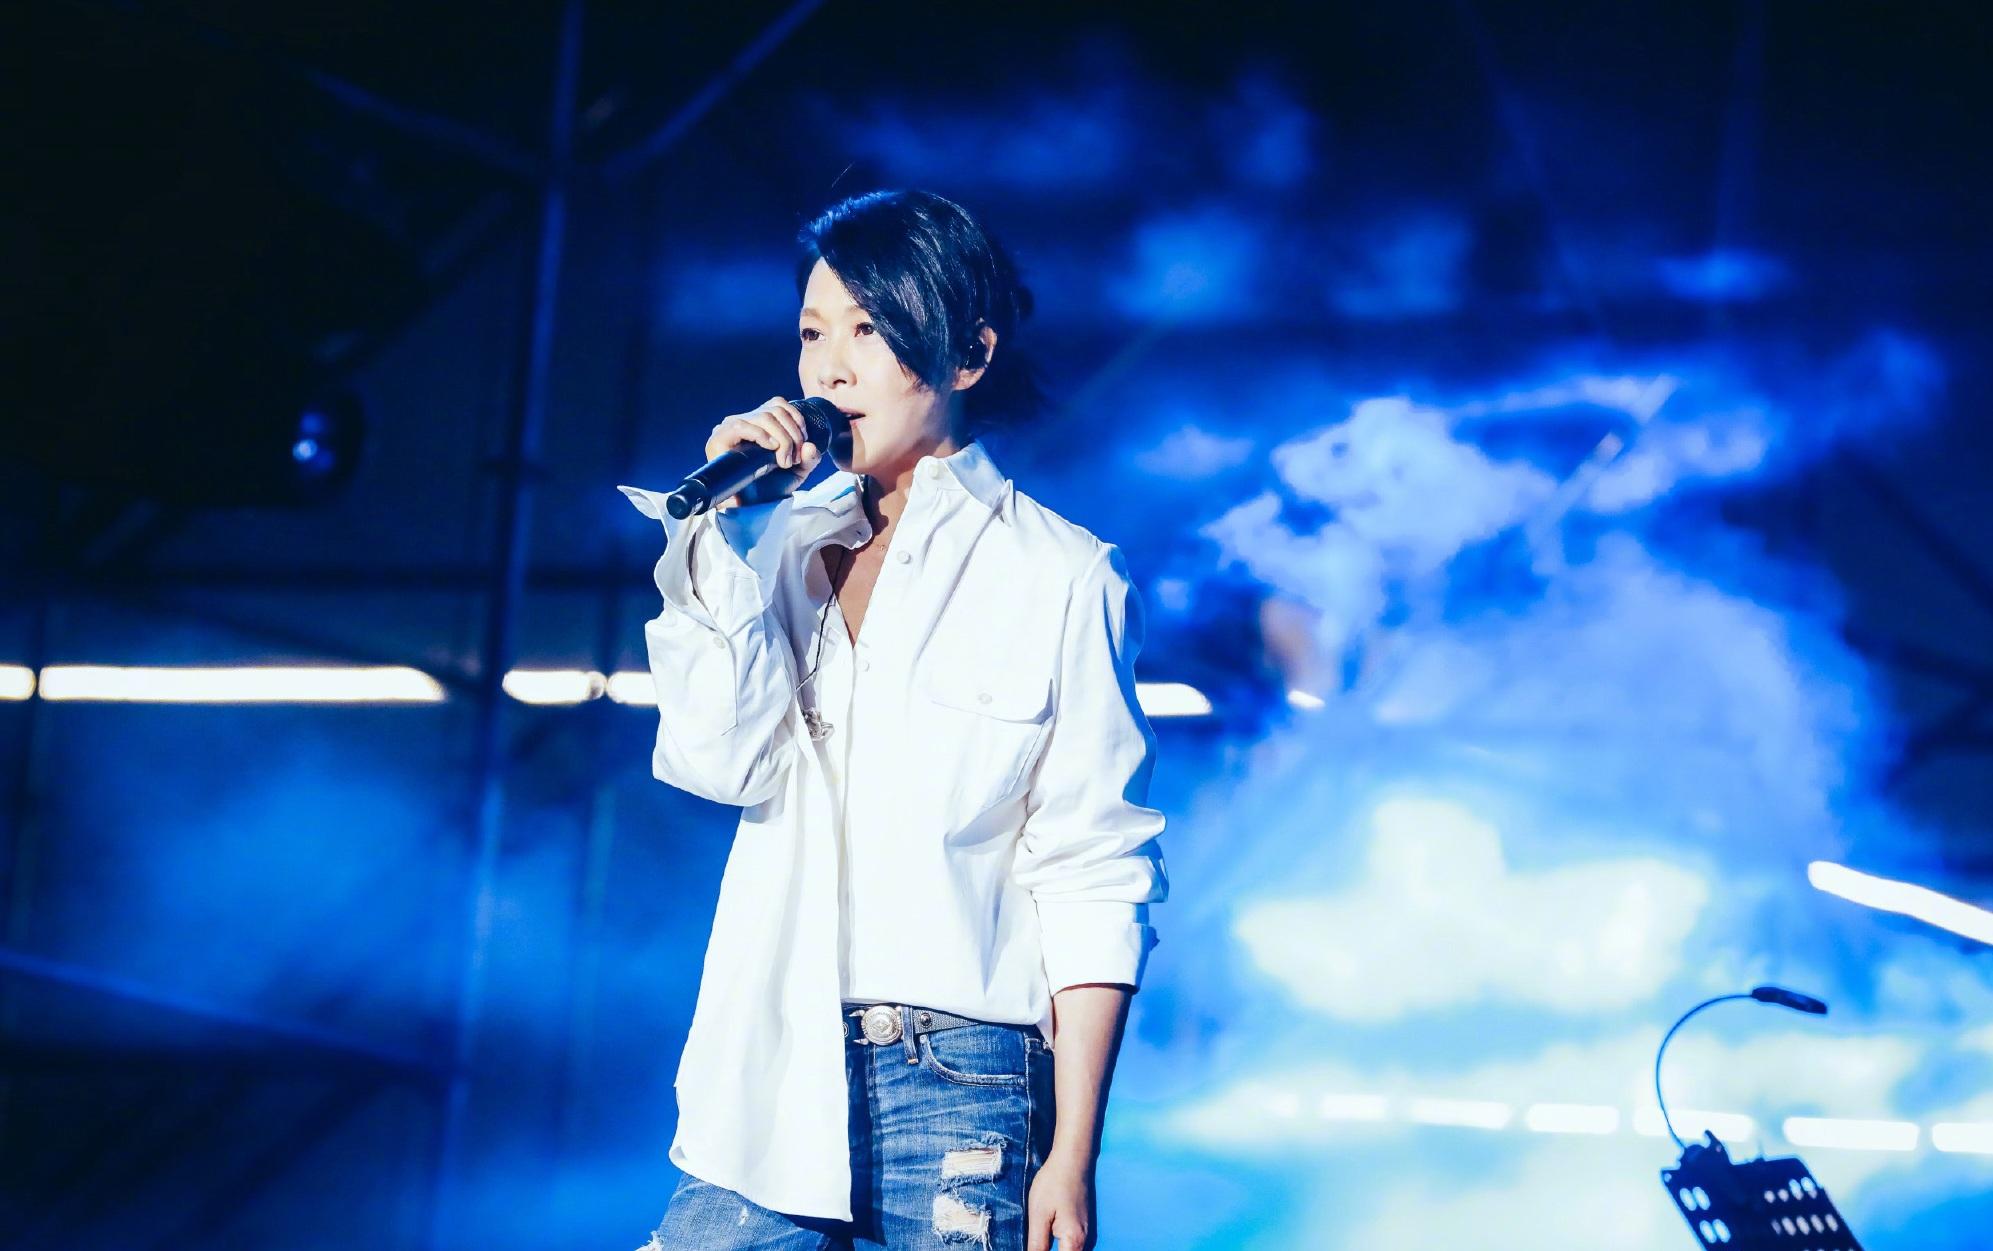 2020刘若英哈尔滨演唱会演出详情(时间、地点、票价)